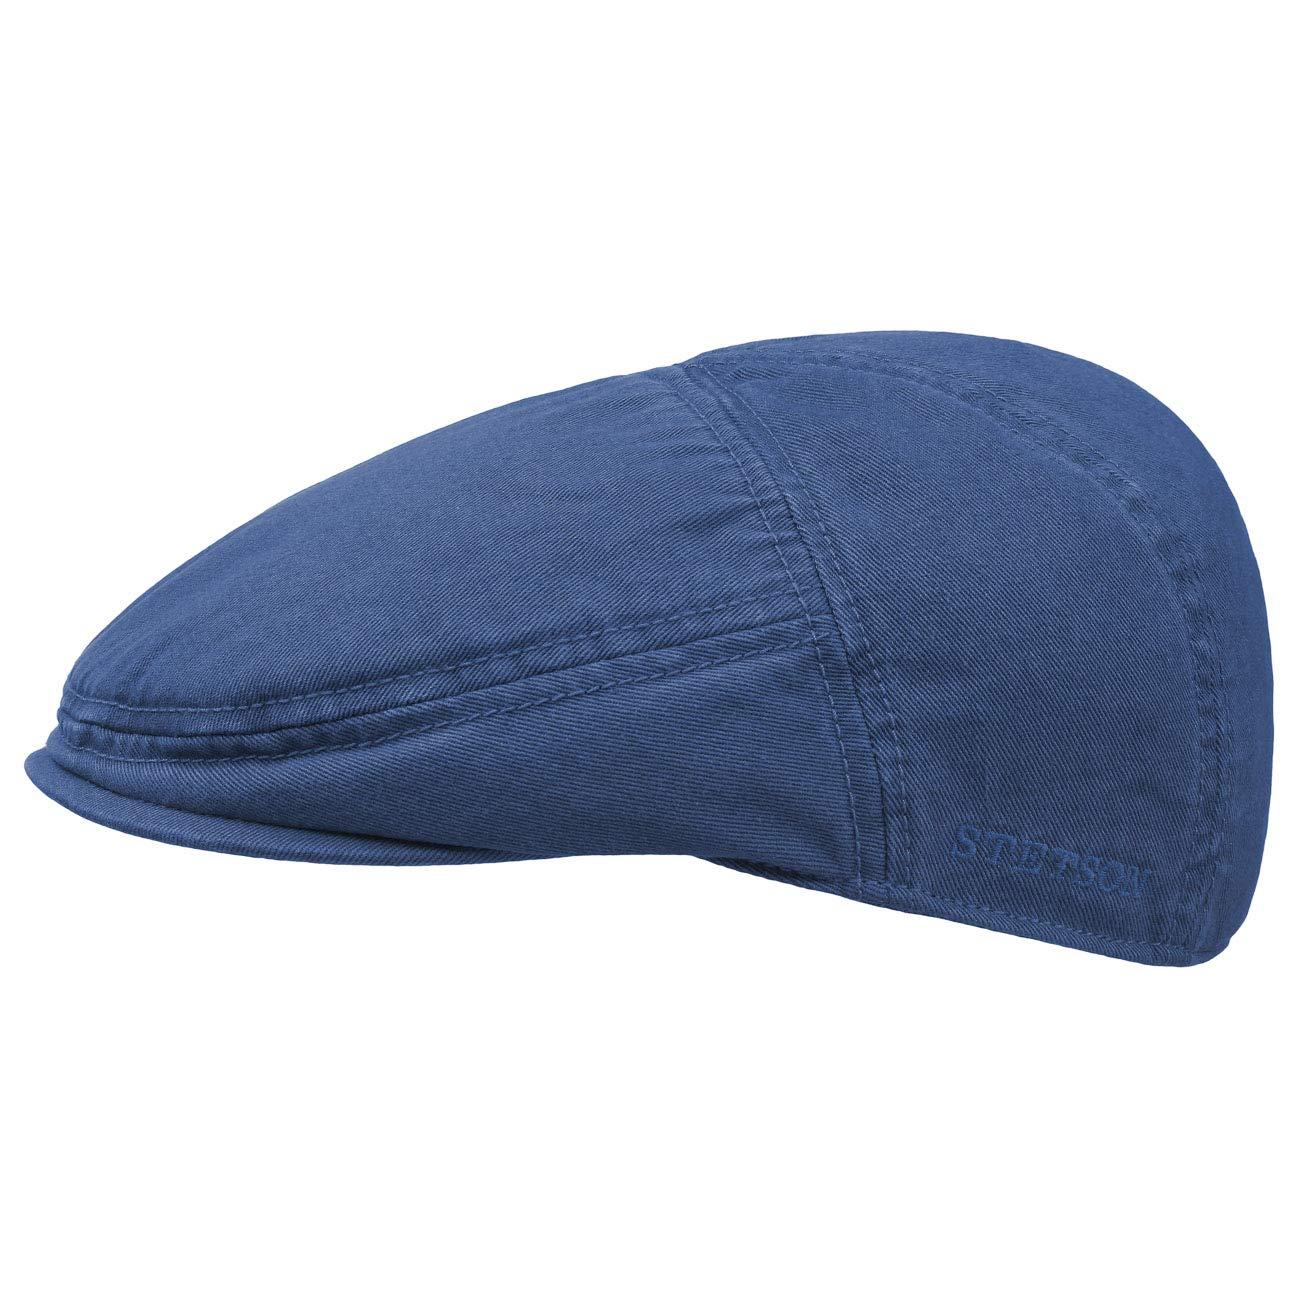 ed1c3a70 Stetson Men's Flat Cap Paradise cotton - blue: Amazon.co.uk: Clothing